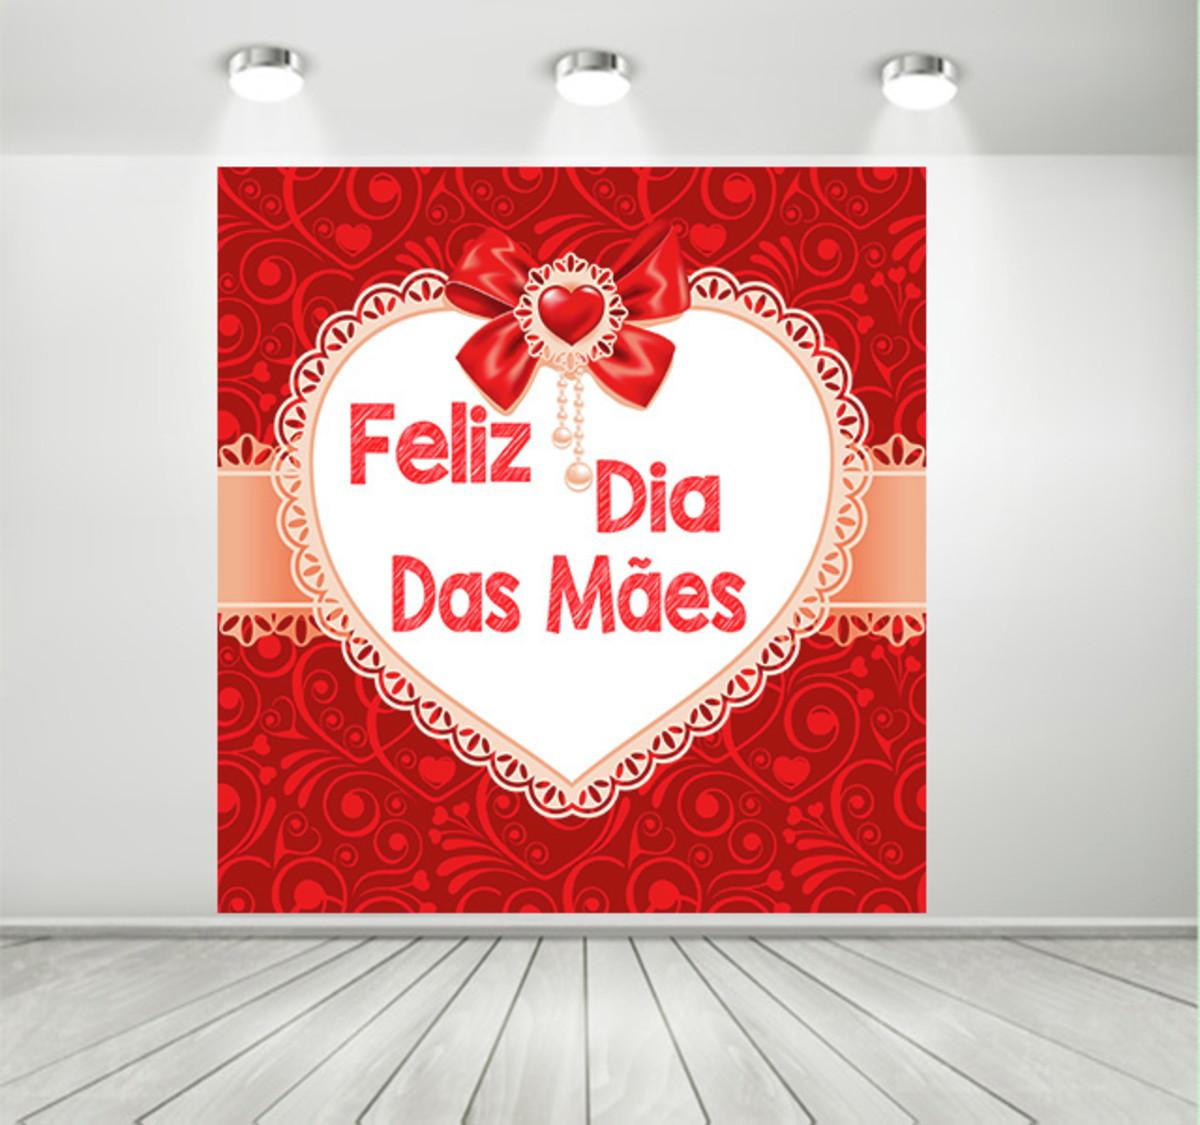 Painel De Festa Para O Dia Das Maes No Elo7 Artefoliaefestas